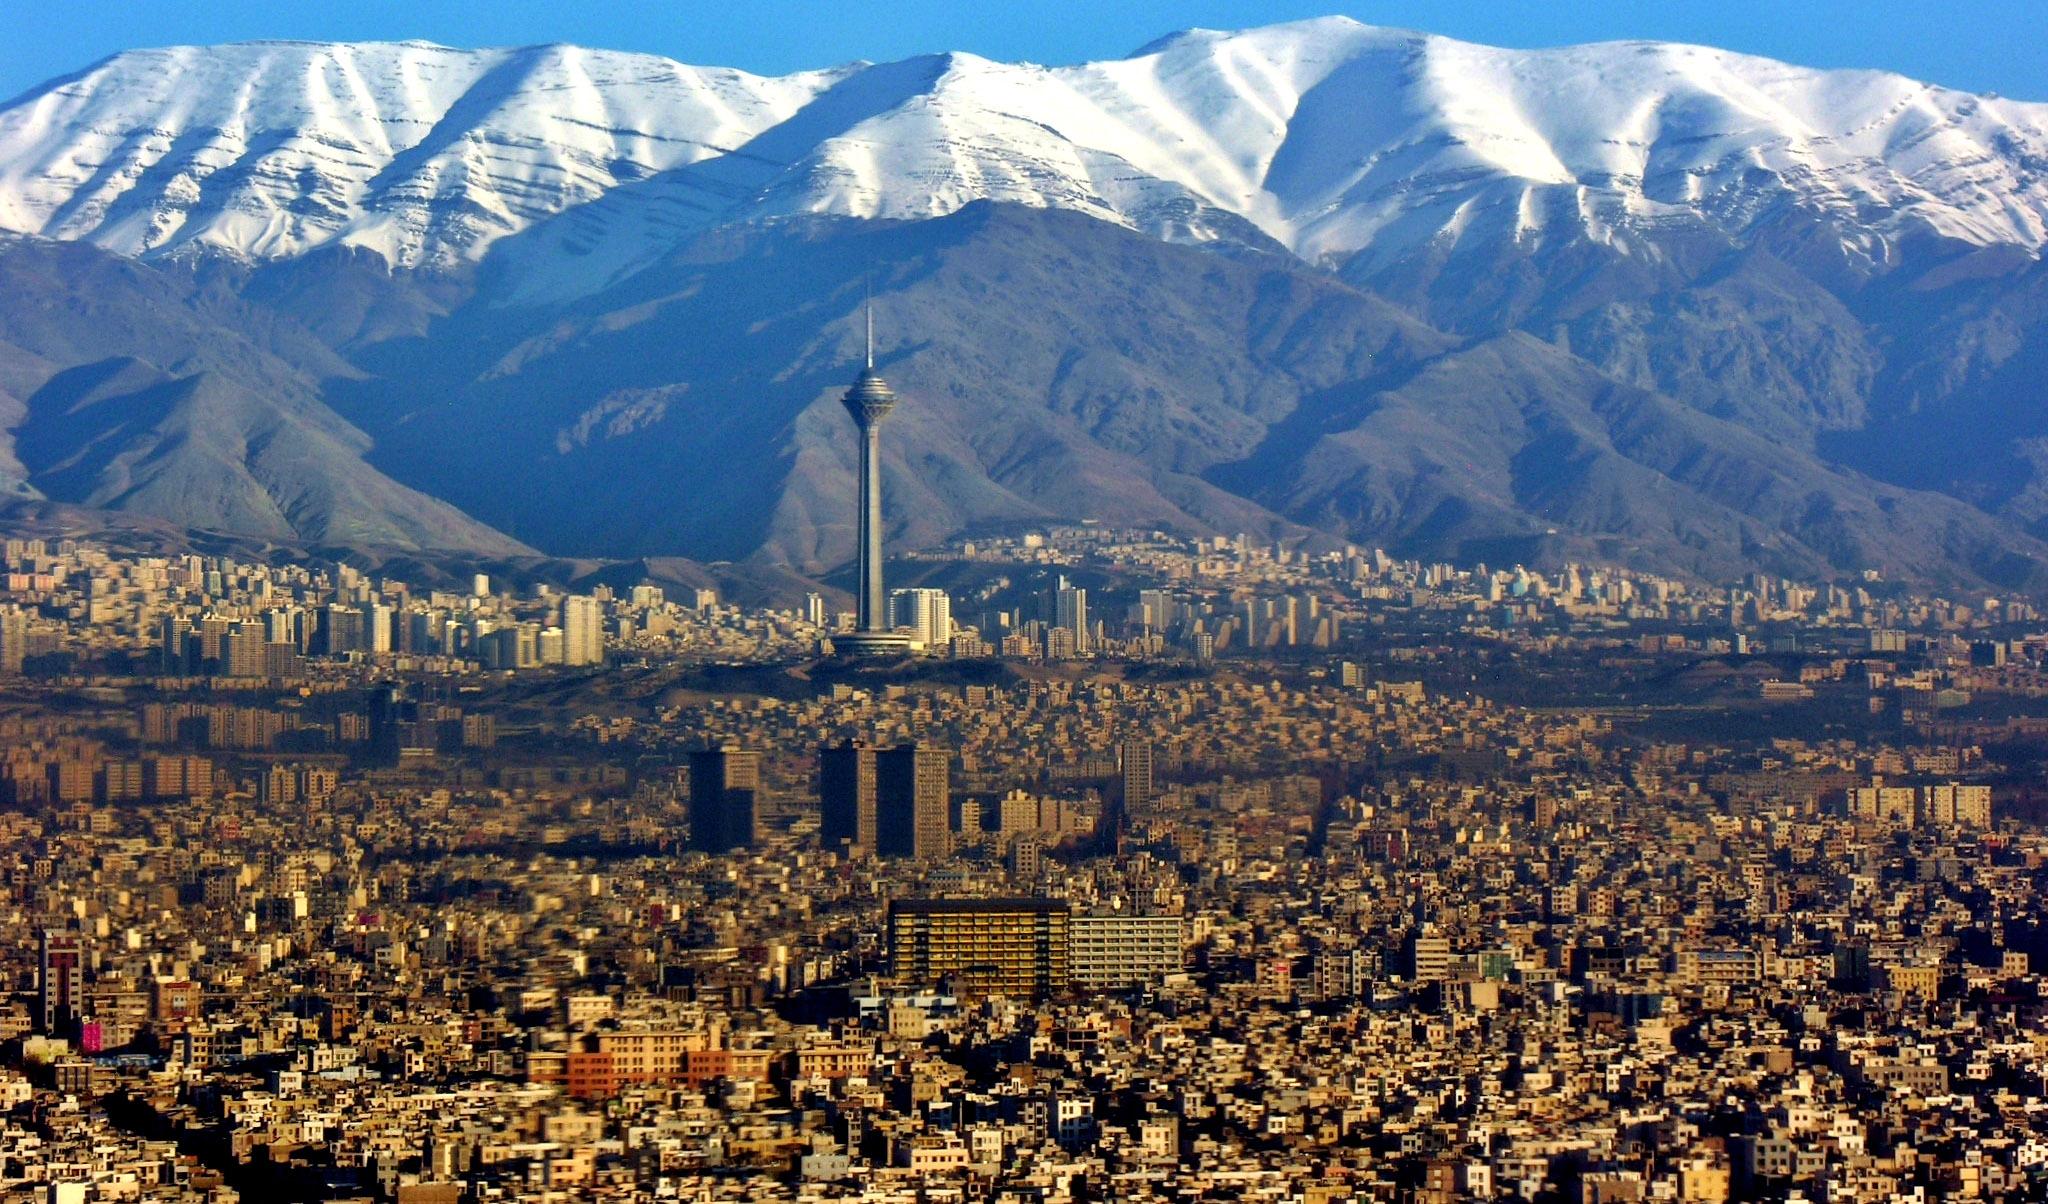 مناطق پرتقاضا و کم تقاضا در بازار مسکن تهران کدامند؟